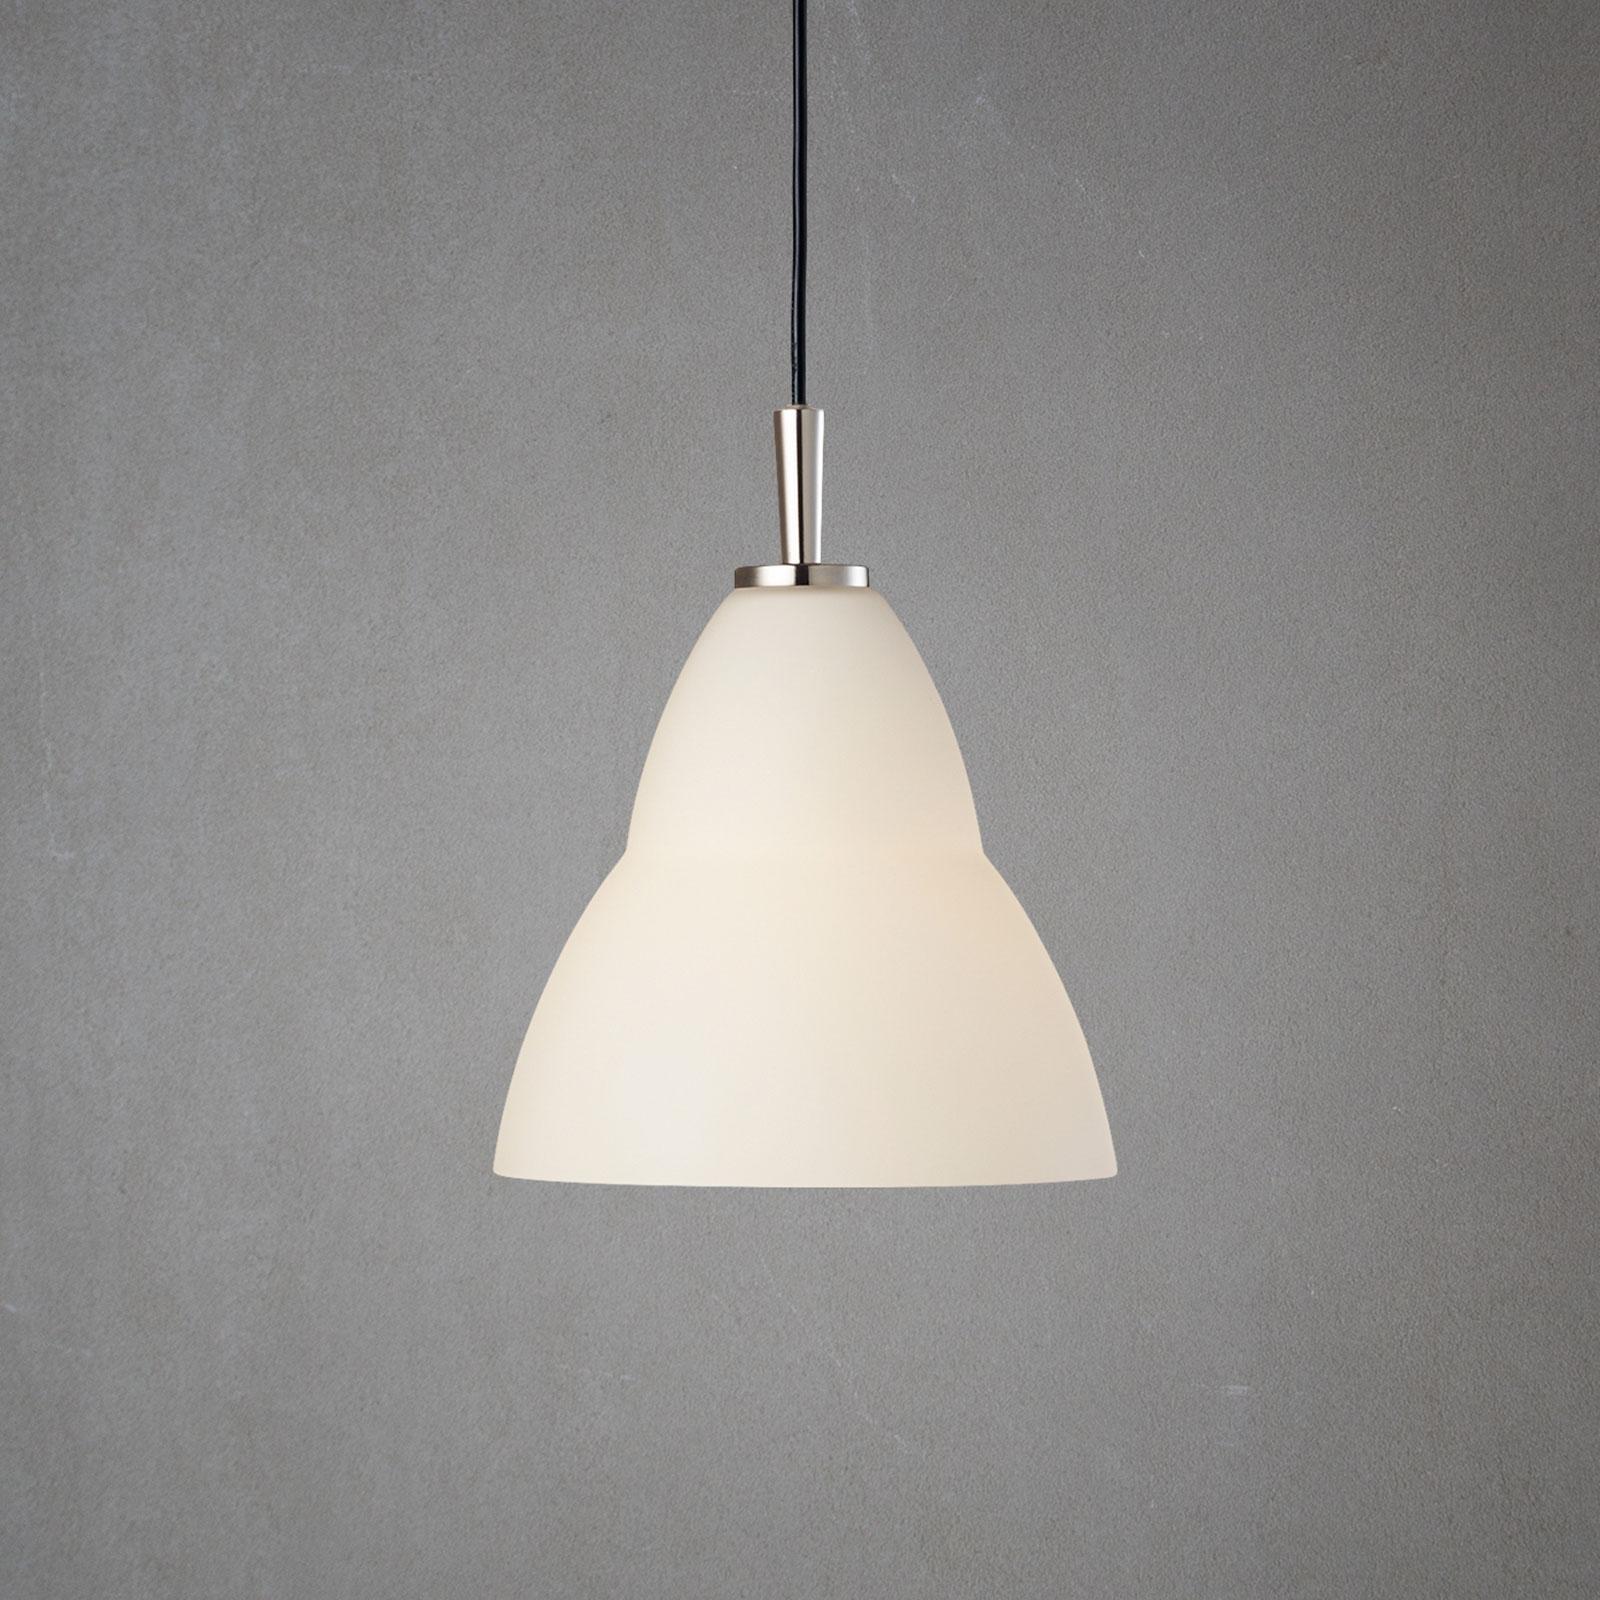 Szklana lampa wisząca Fico S, Ø 18 cm